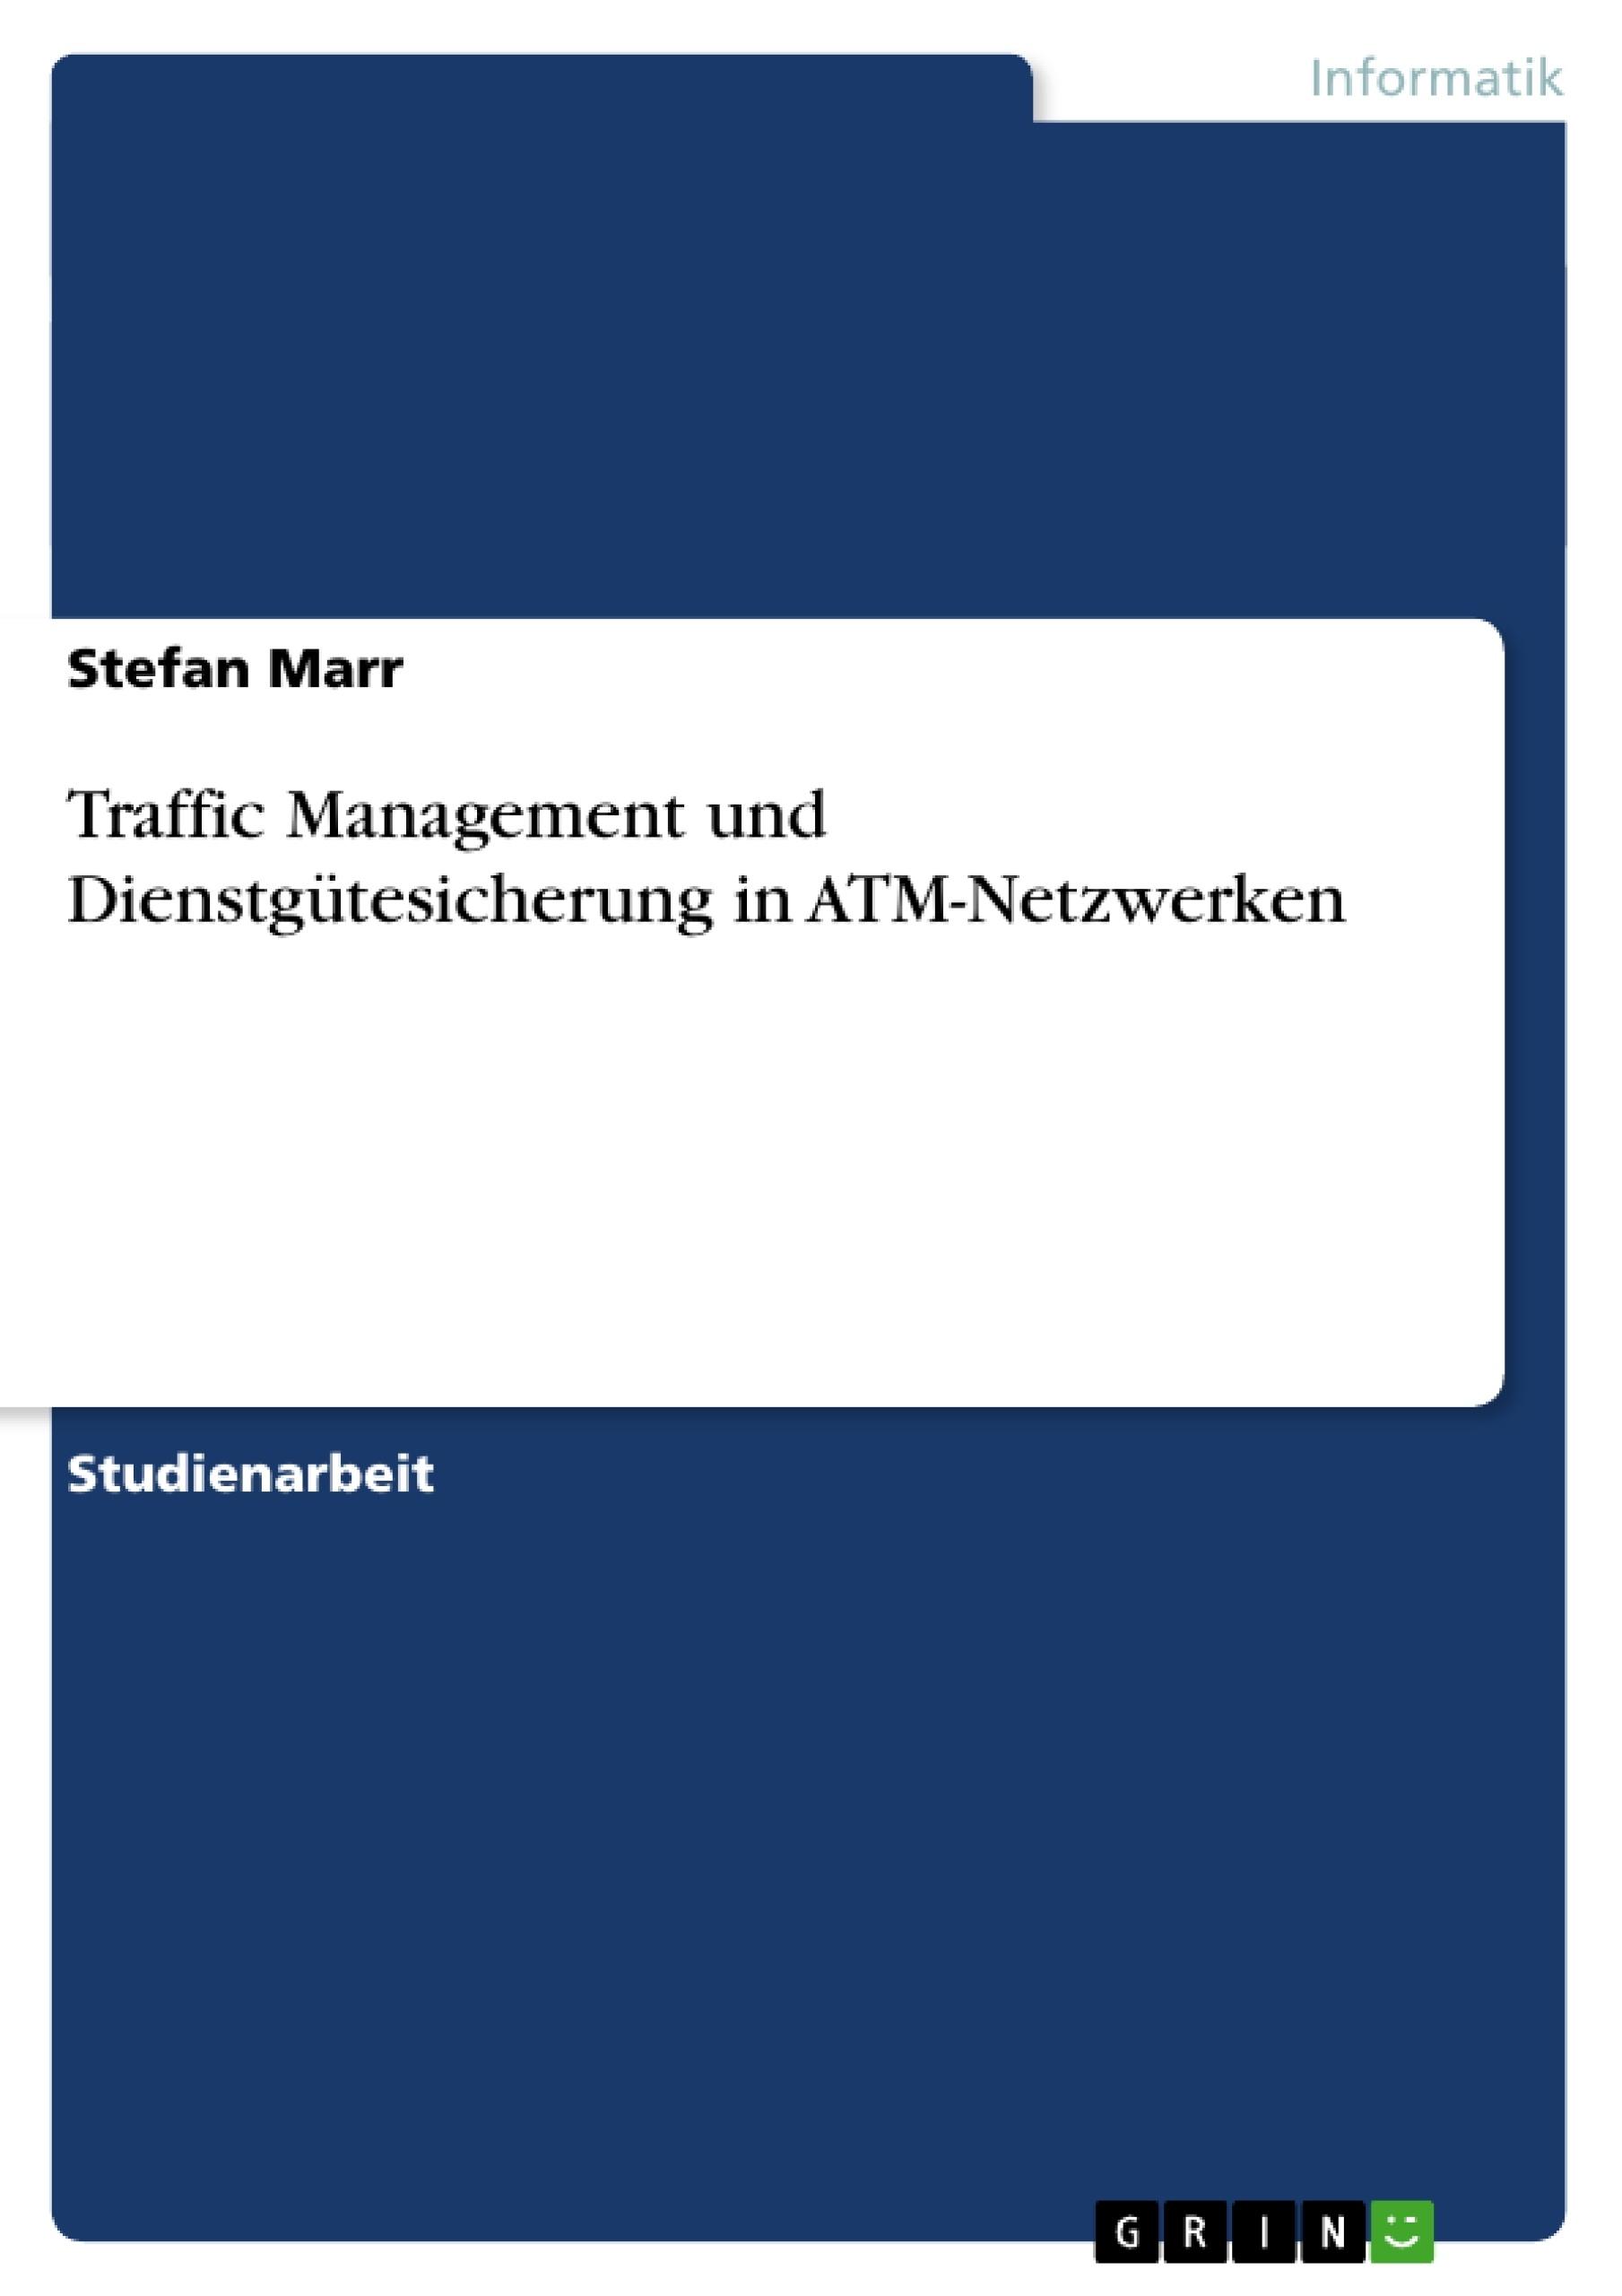 Titel: Traffic Management und Dienstgütesicherung in ATM-Netzwerken